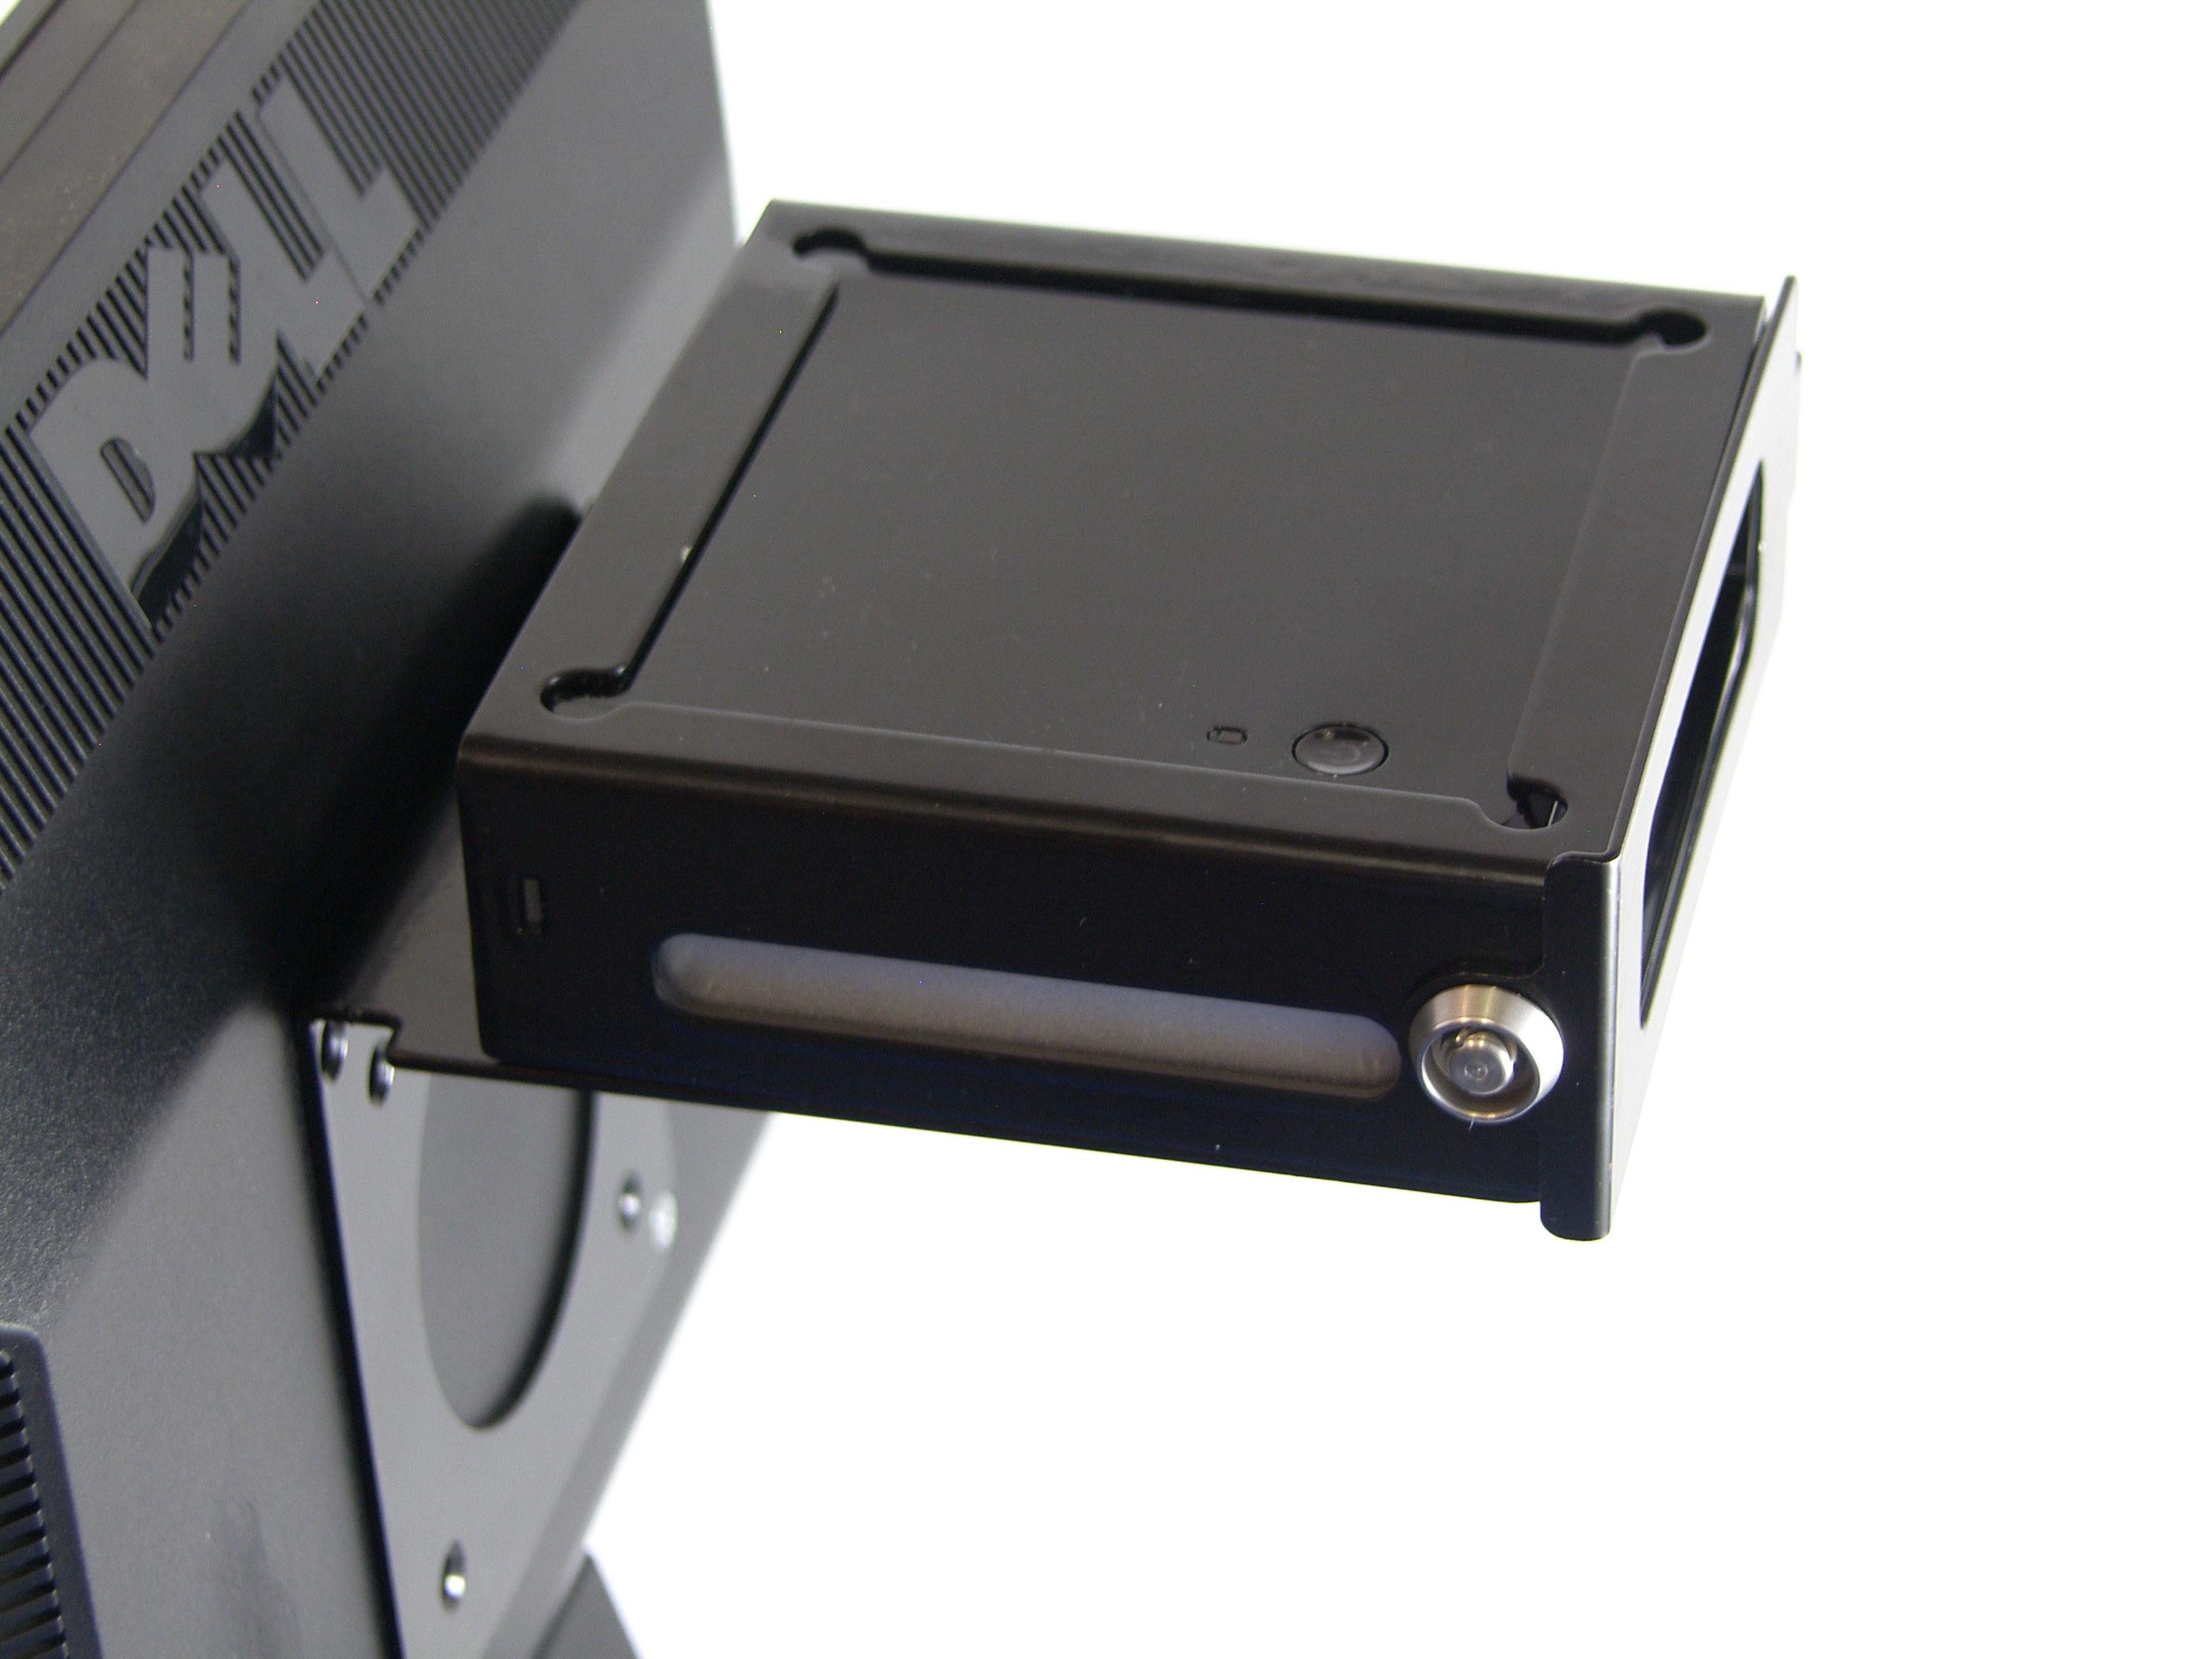 Intel Nuc Adaptor Plate Core Security